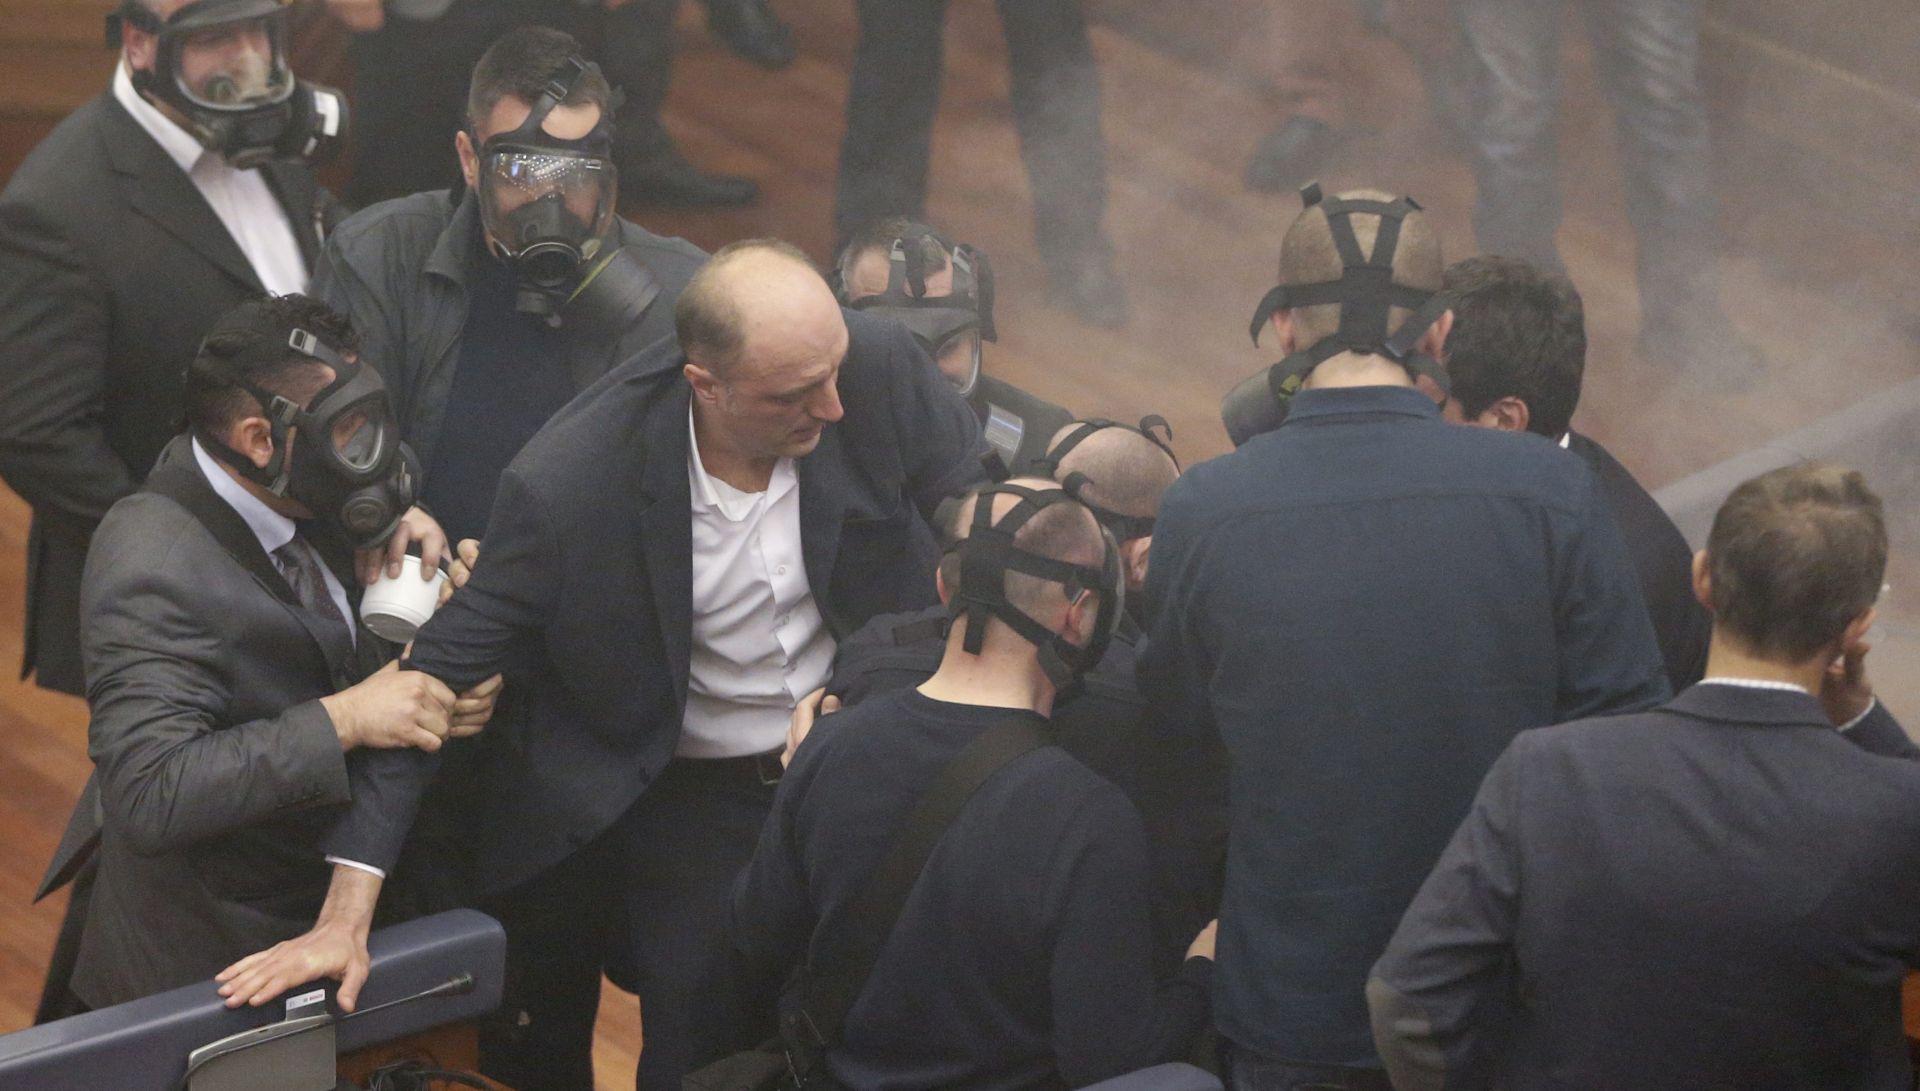 NOVI INCIDENT: U Skupštini Kosova bačen suzavac, premijer poliven vodom